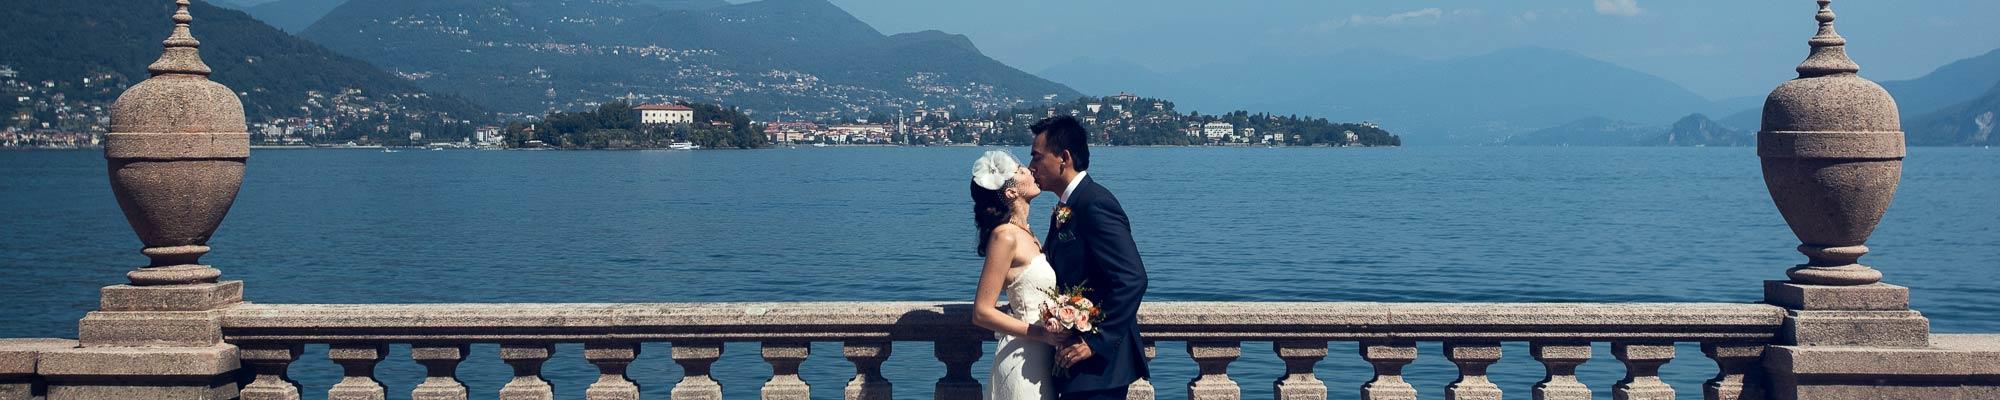 matrimonio-lago-maggiore